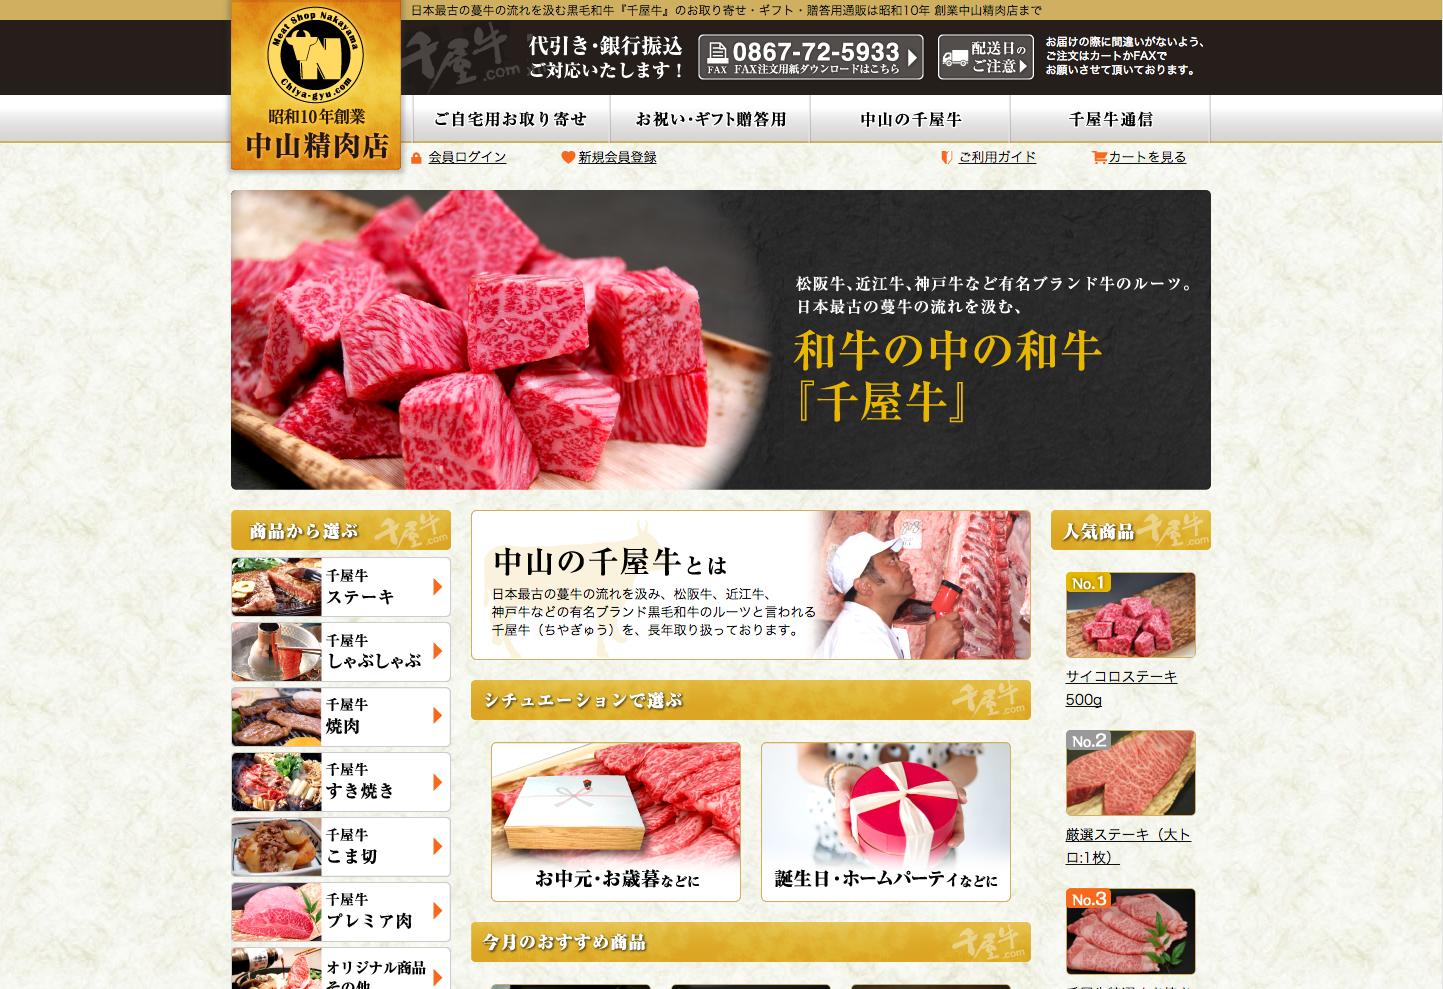 中山精肉店様 千屋牛.com